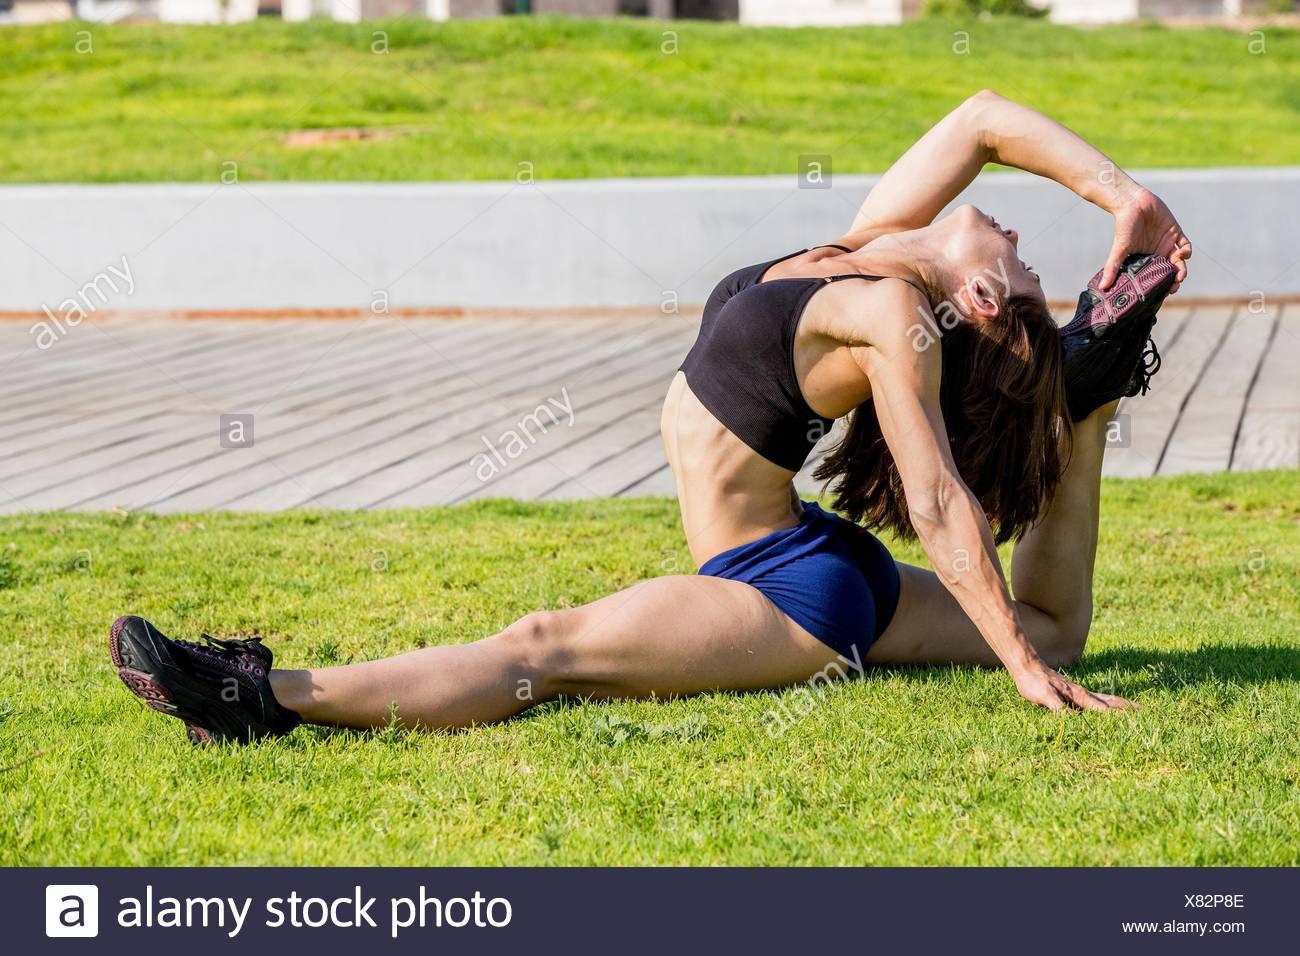 Junge Frau tut erstreckt sich im park Stockbild